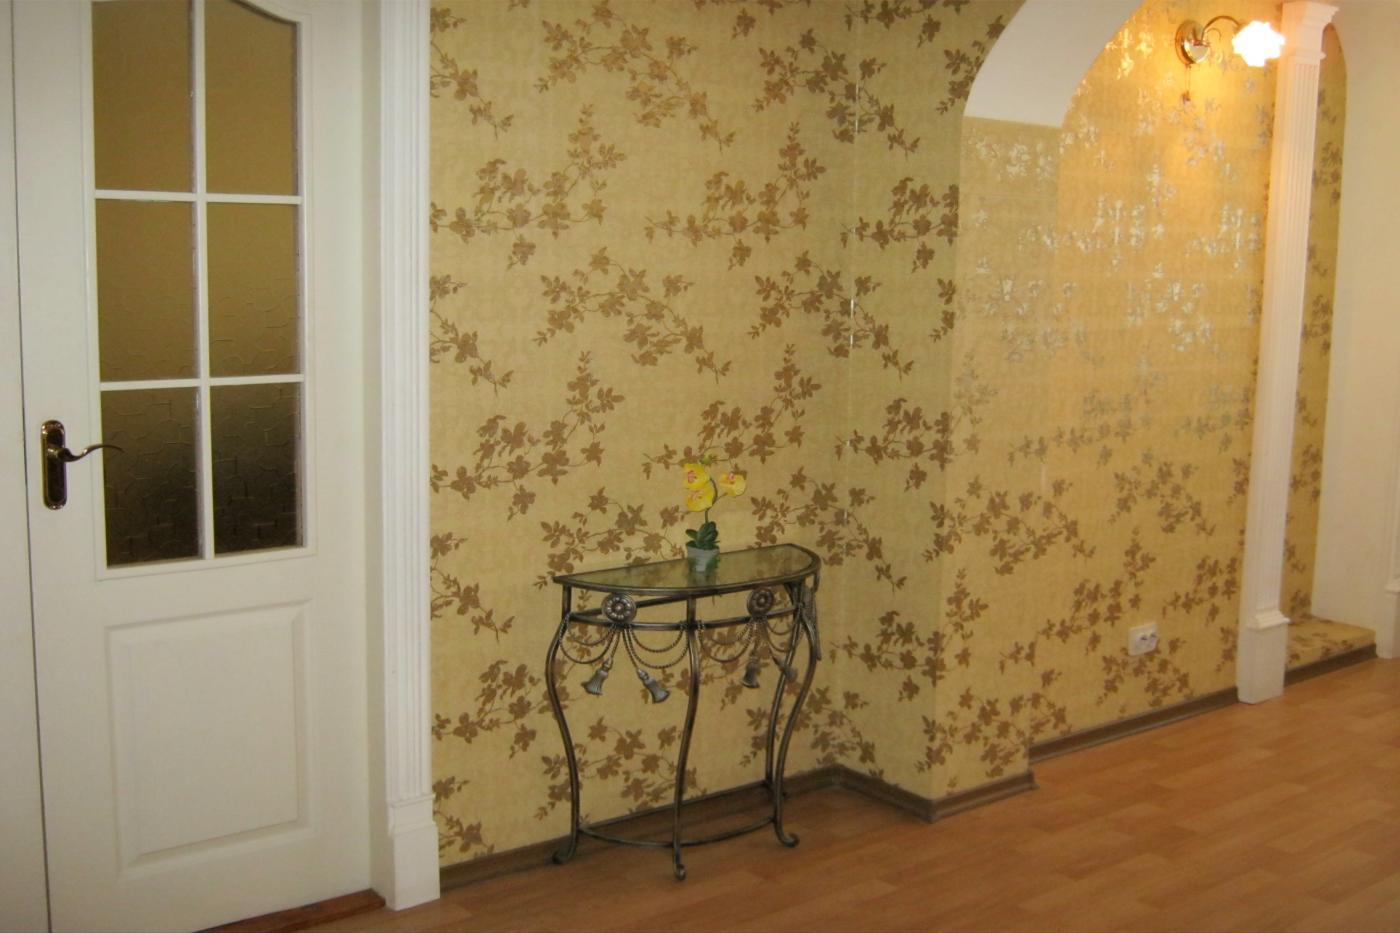 3-комнатная квартира посуточно (вариант № 1546), ул. Героев Сталинграда проспект, фото № 7